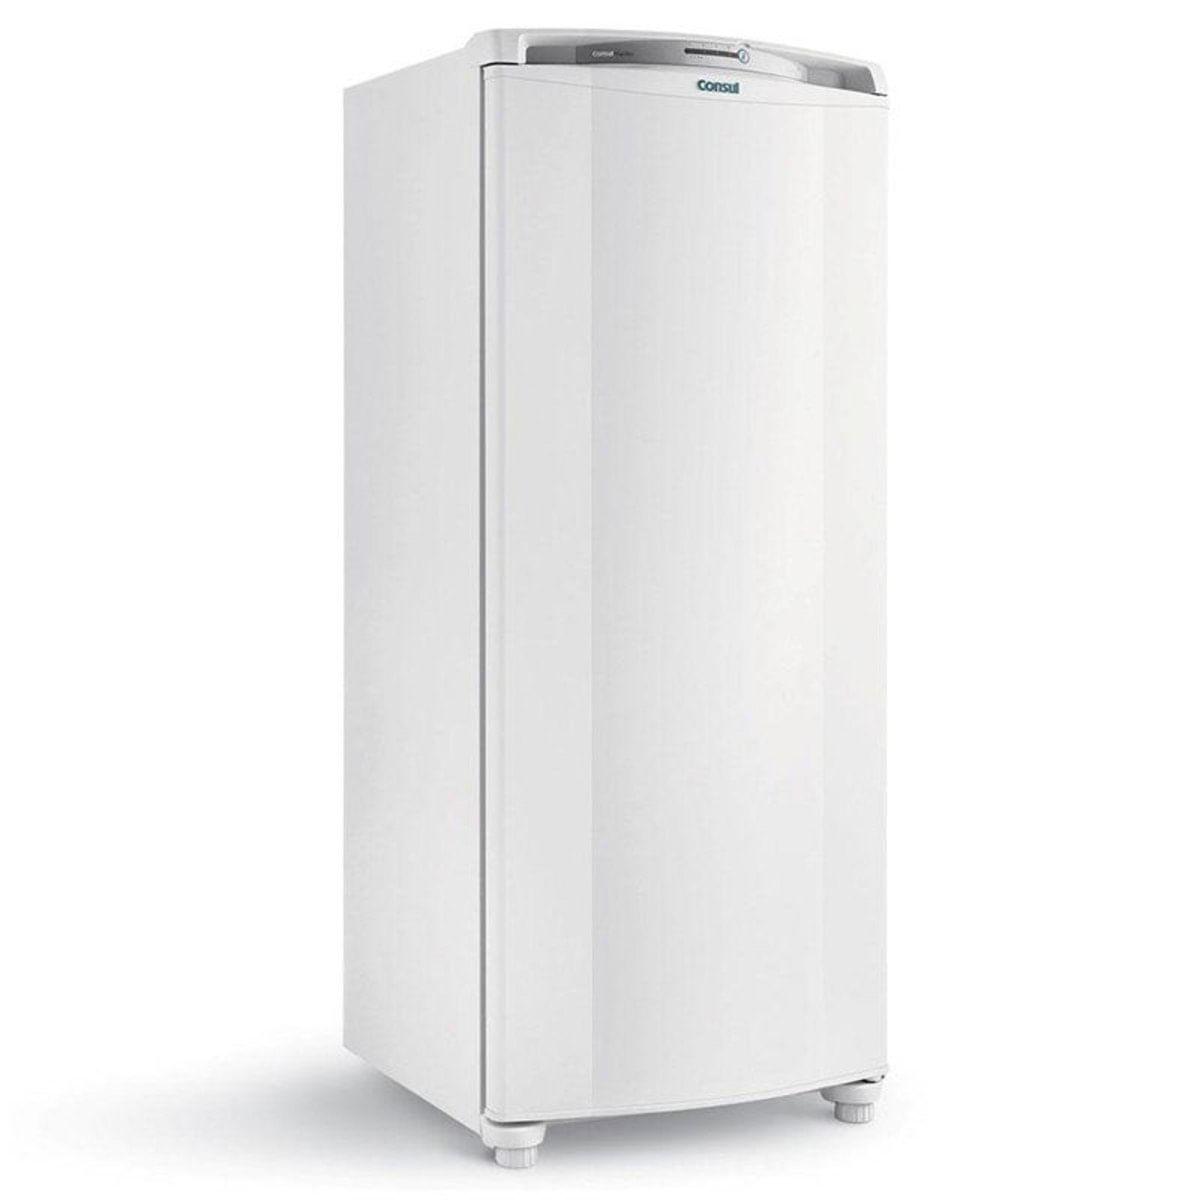 Geladeira Consul Frost Free Simples 1 Porta Facilite CRB36ABANA 300 Litros Branca - 110V